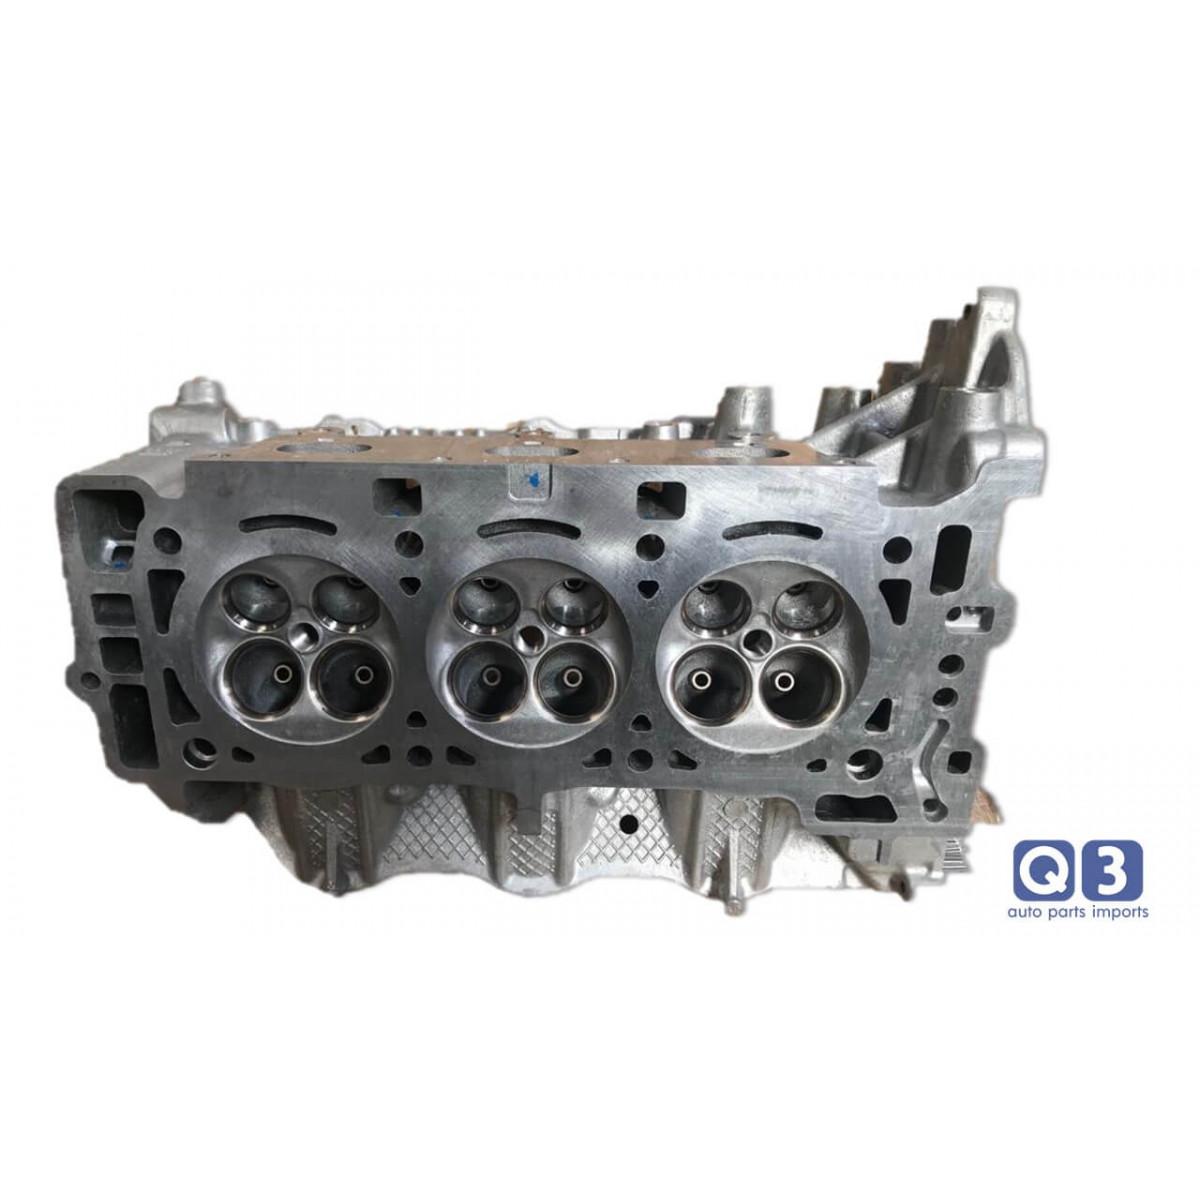 Cabeçote Chevrolet Omega/Captiva Original Novo 3.0 / 3.6 V6 (12641099)